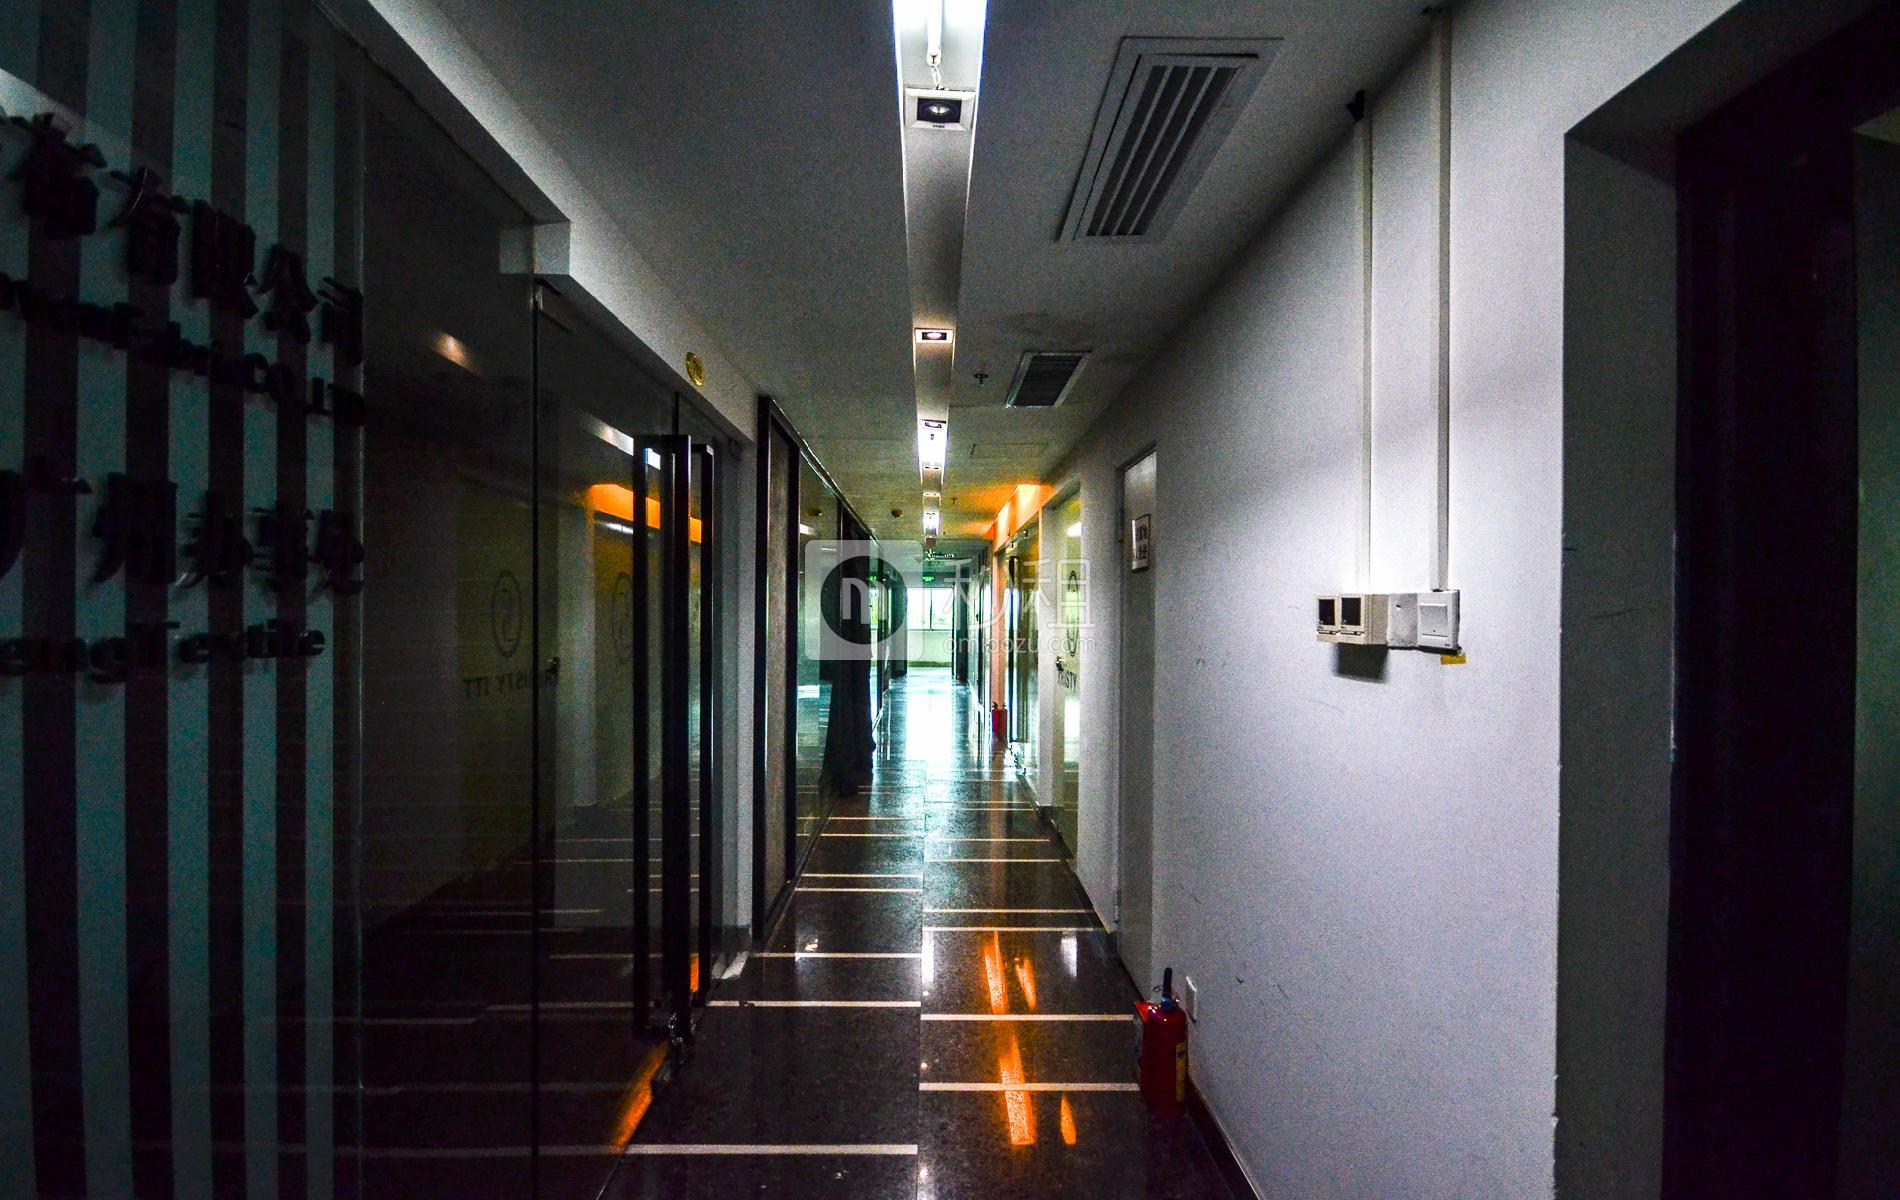 大新银行大楼写字楼出租/招租/租赁,大新银行大楼办公室出租/招租/租赁